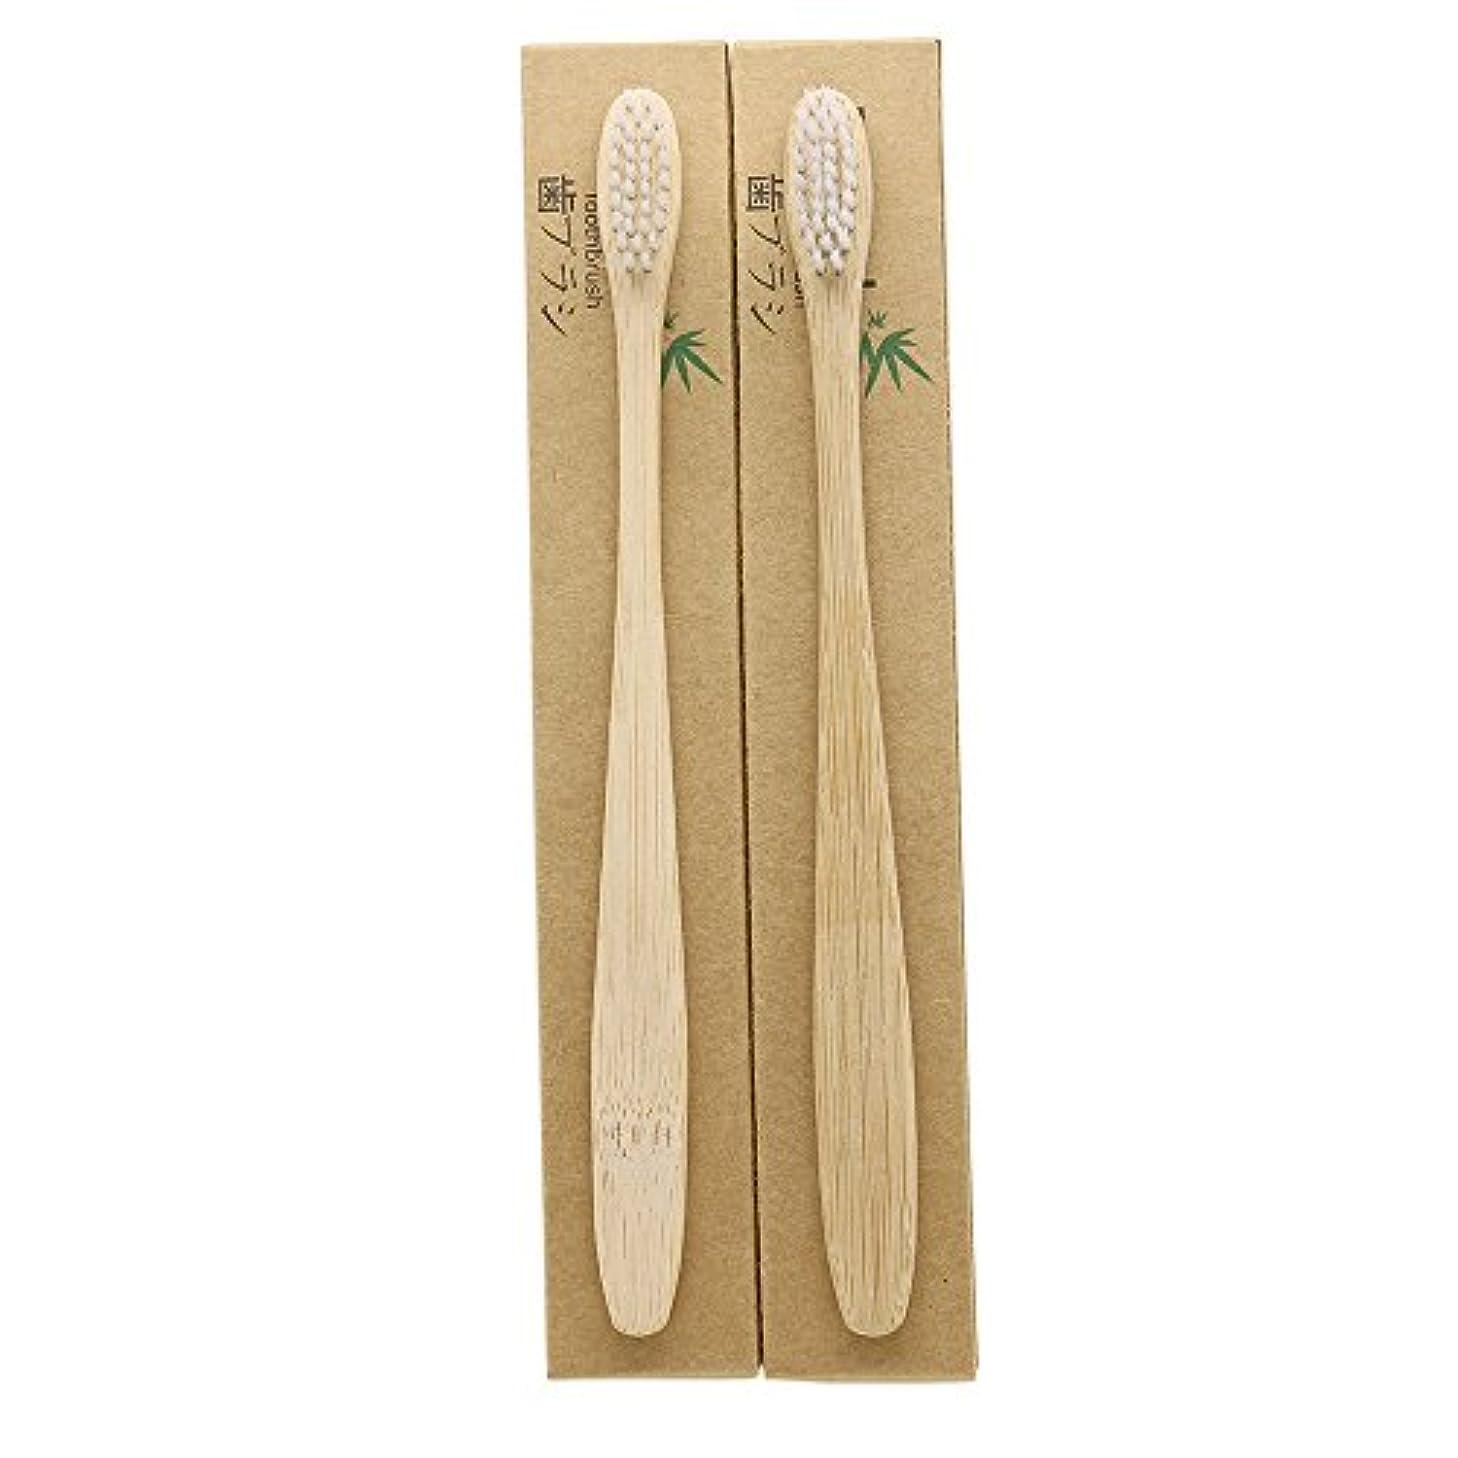 機械的にジャンクション消化N-amboo 竹製耐久度高い 歯ブラシ 2本入り セット エコ ヘッド小さい 白い